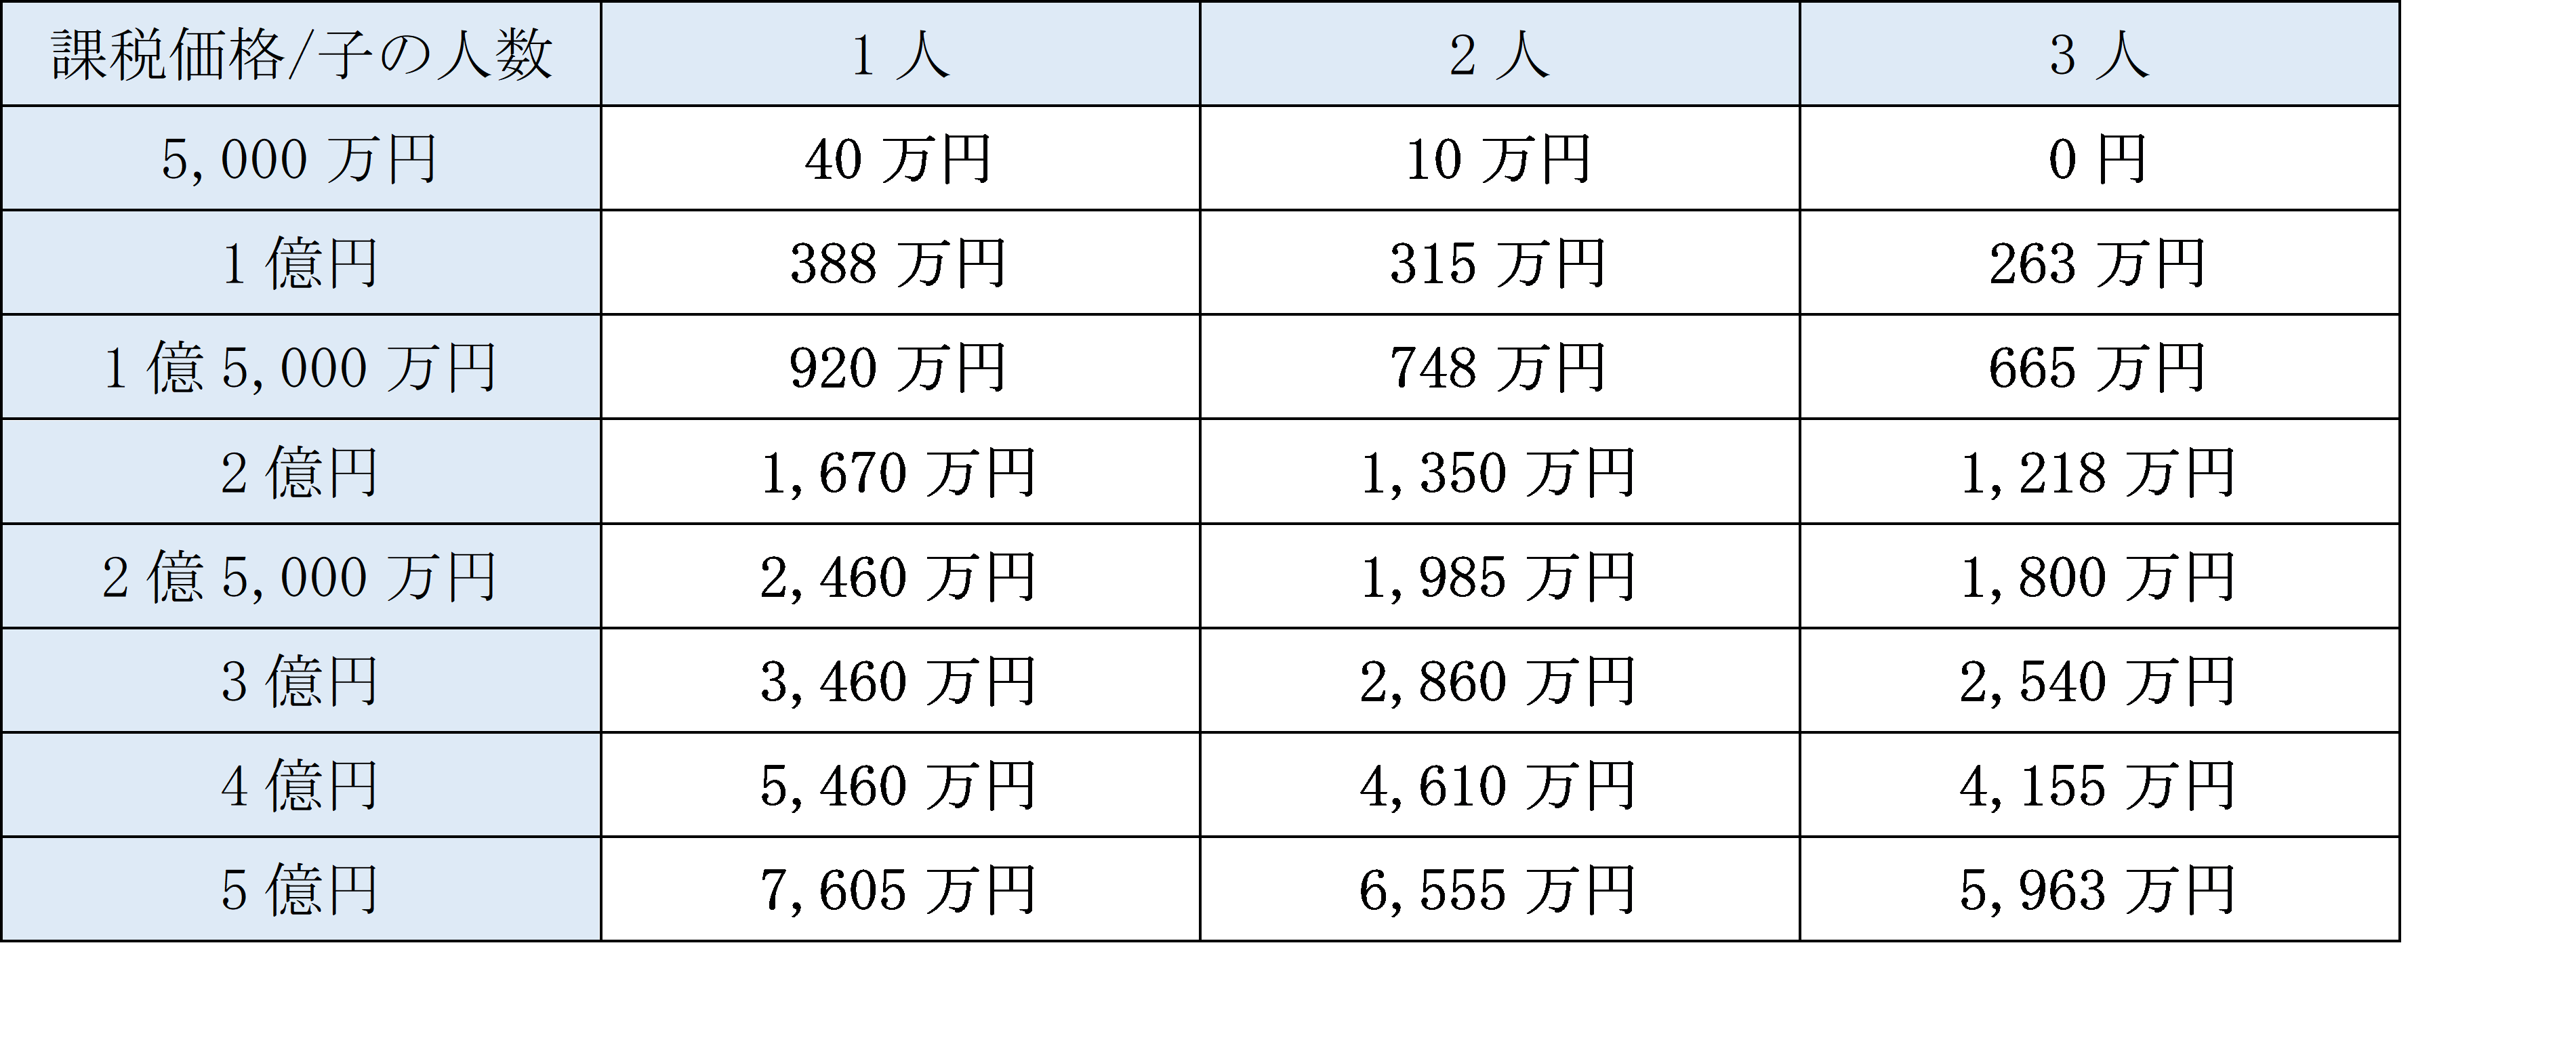 配偶者有の民法で定められている法定相続分に応じて財産を取得した場合のおおまかな相続税の金額表.png